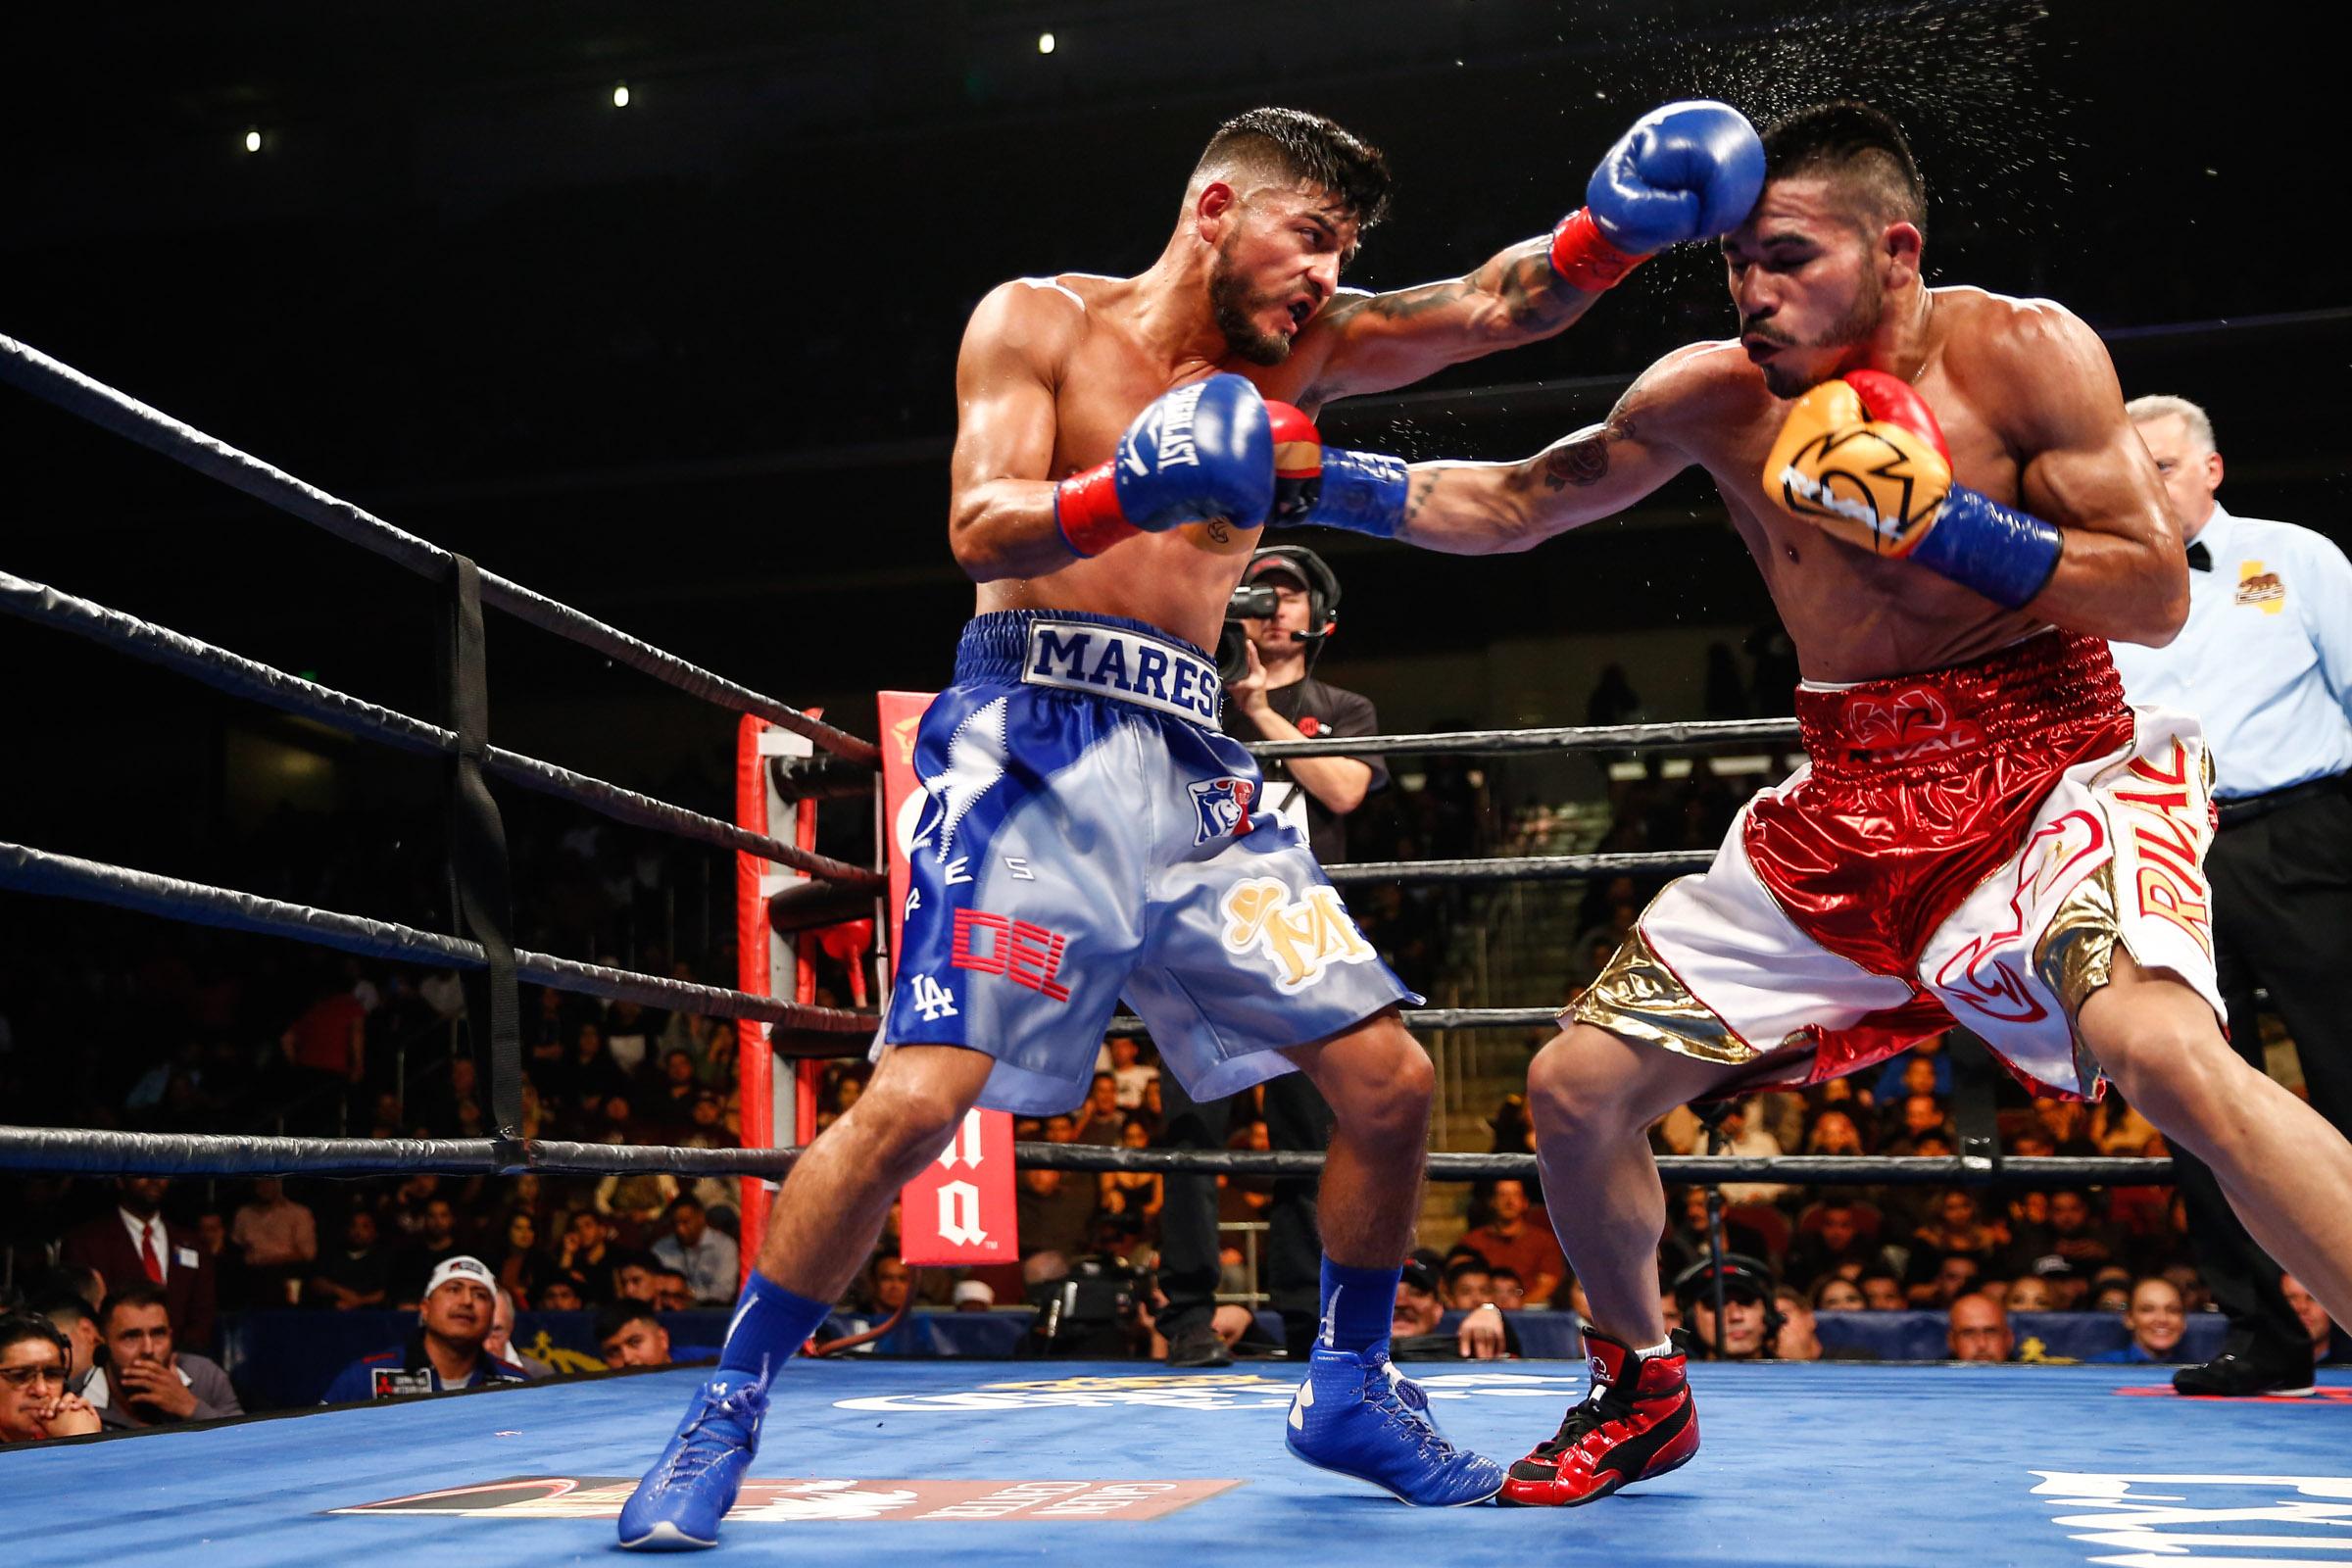 lr_fight-night-cuellar-vs-mares-12102016-3547